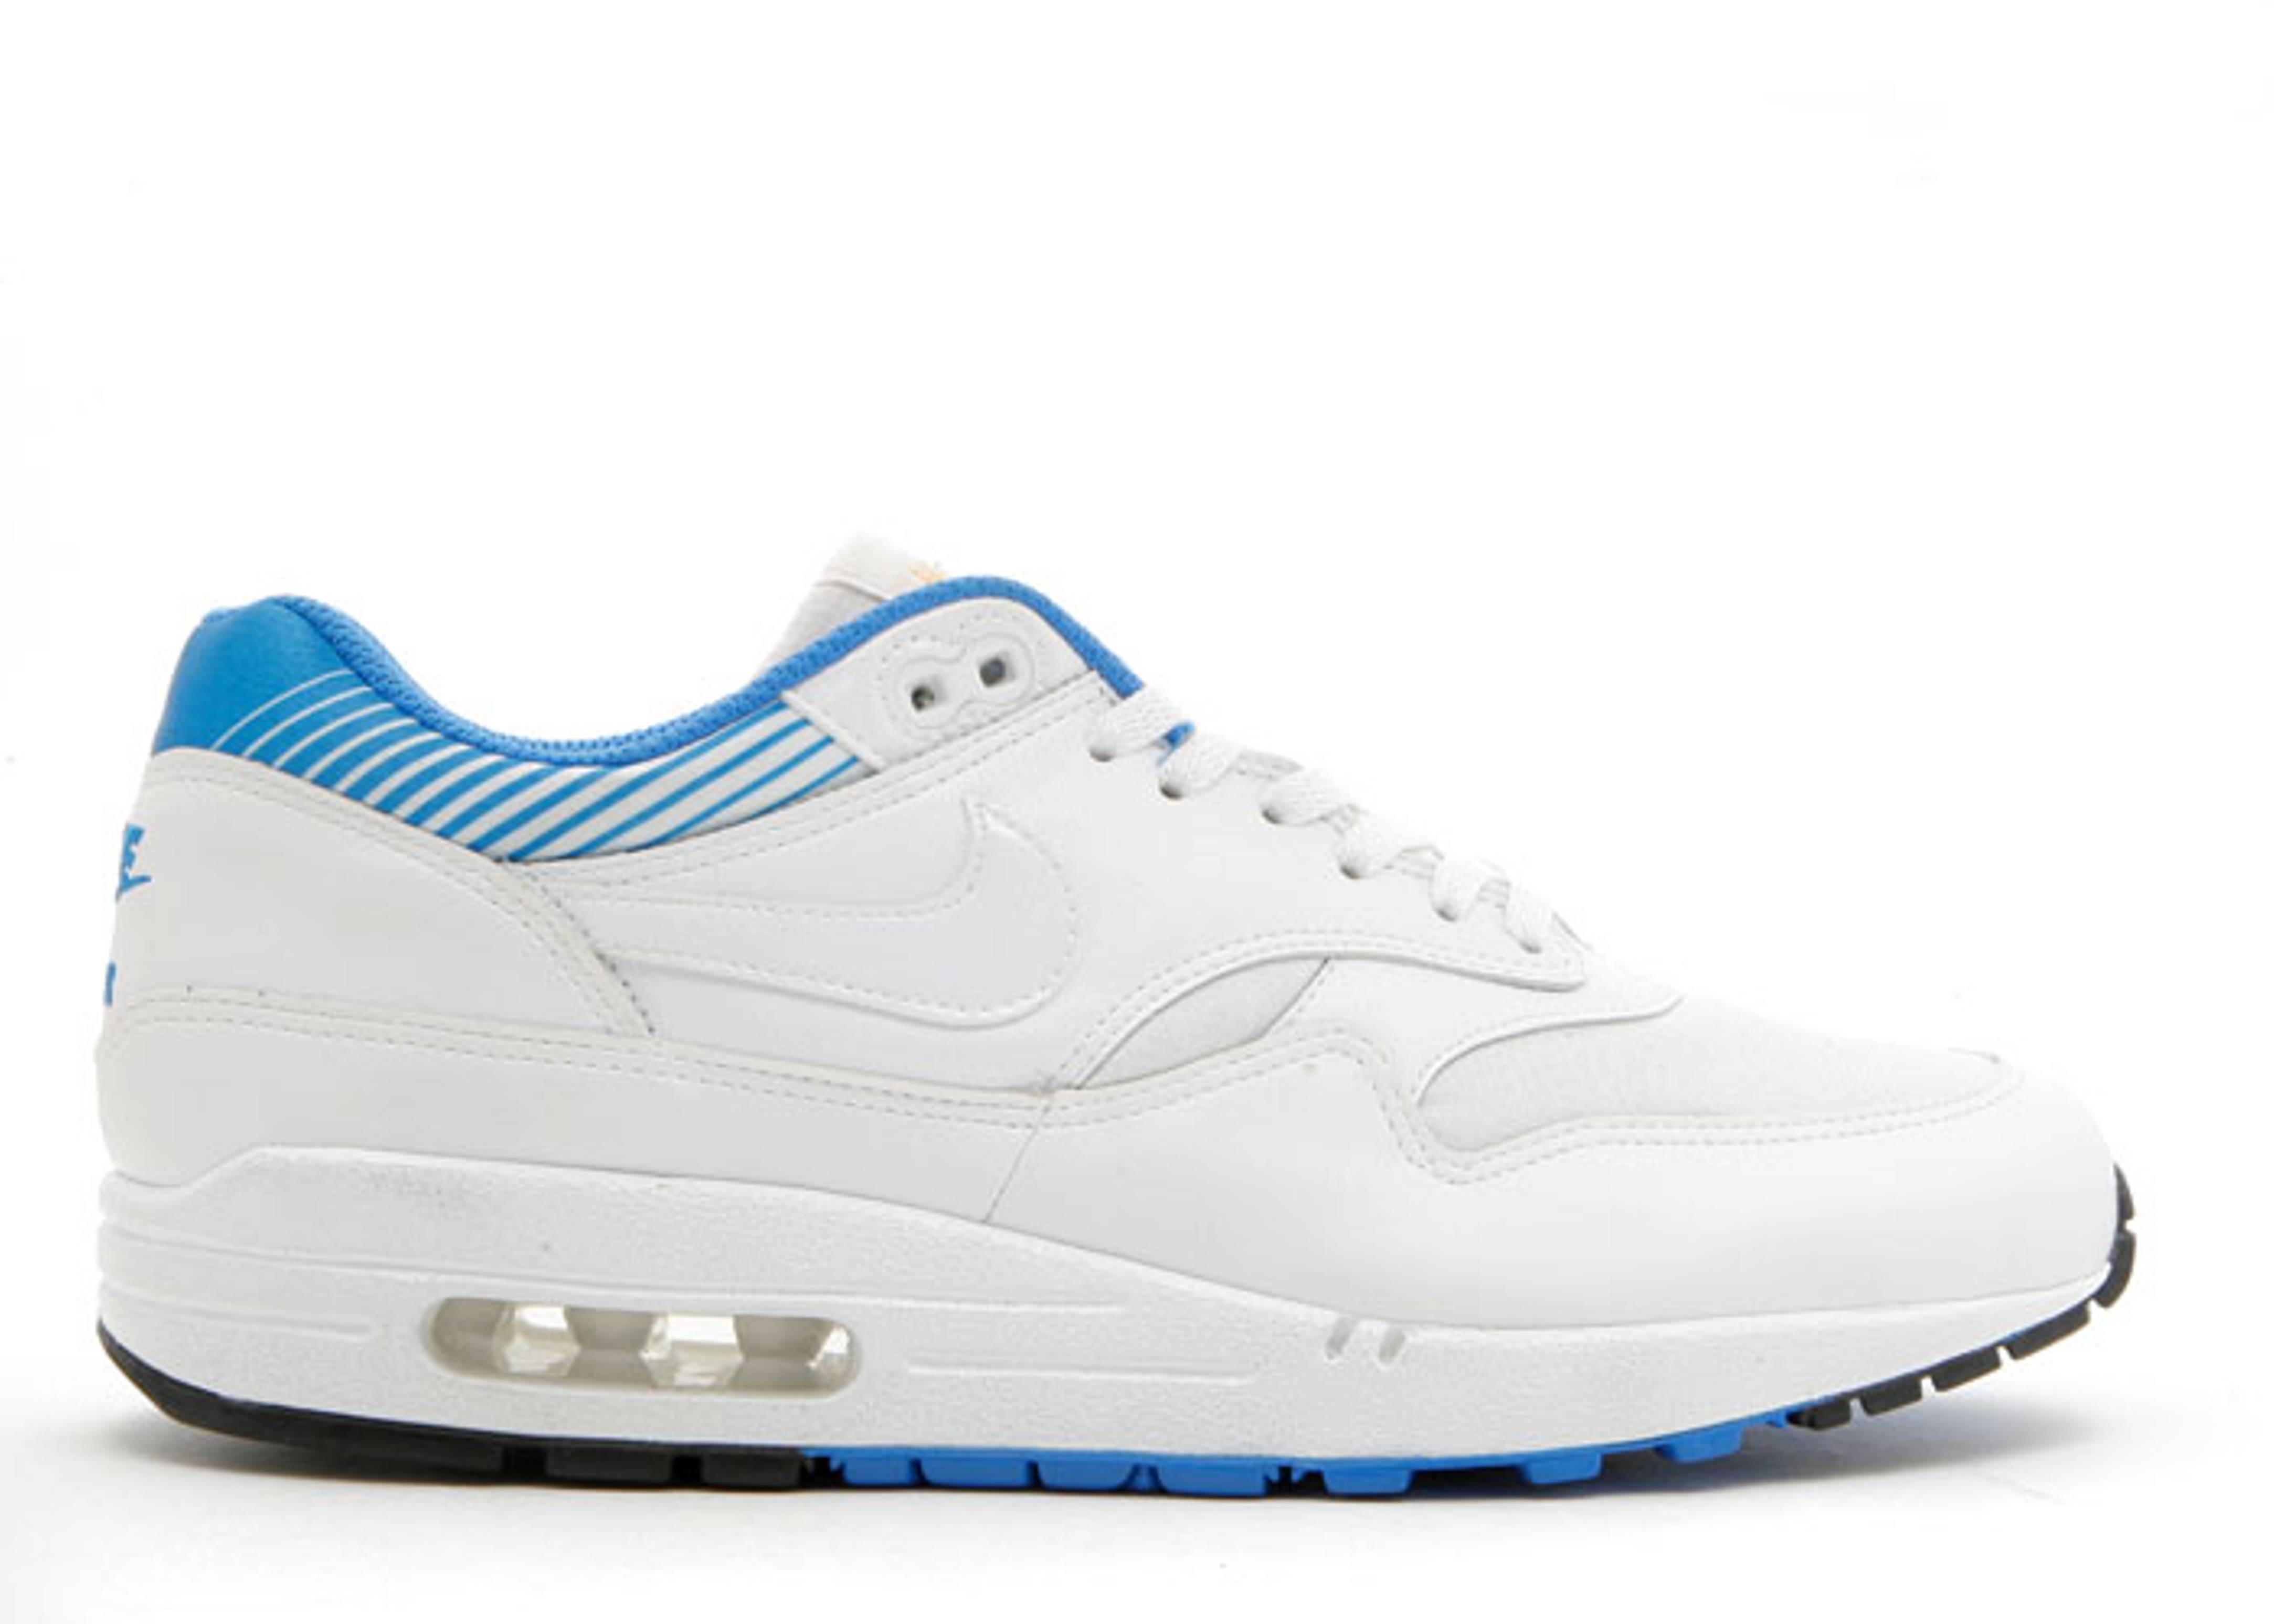 Air Max 1 Premium SP 'Euro Champs Blue Stripes' Nike